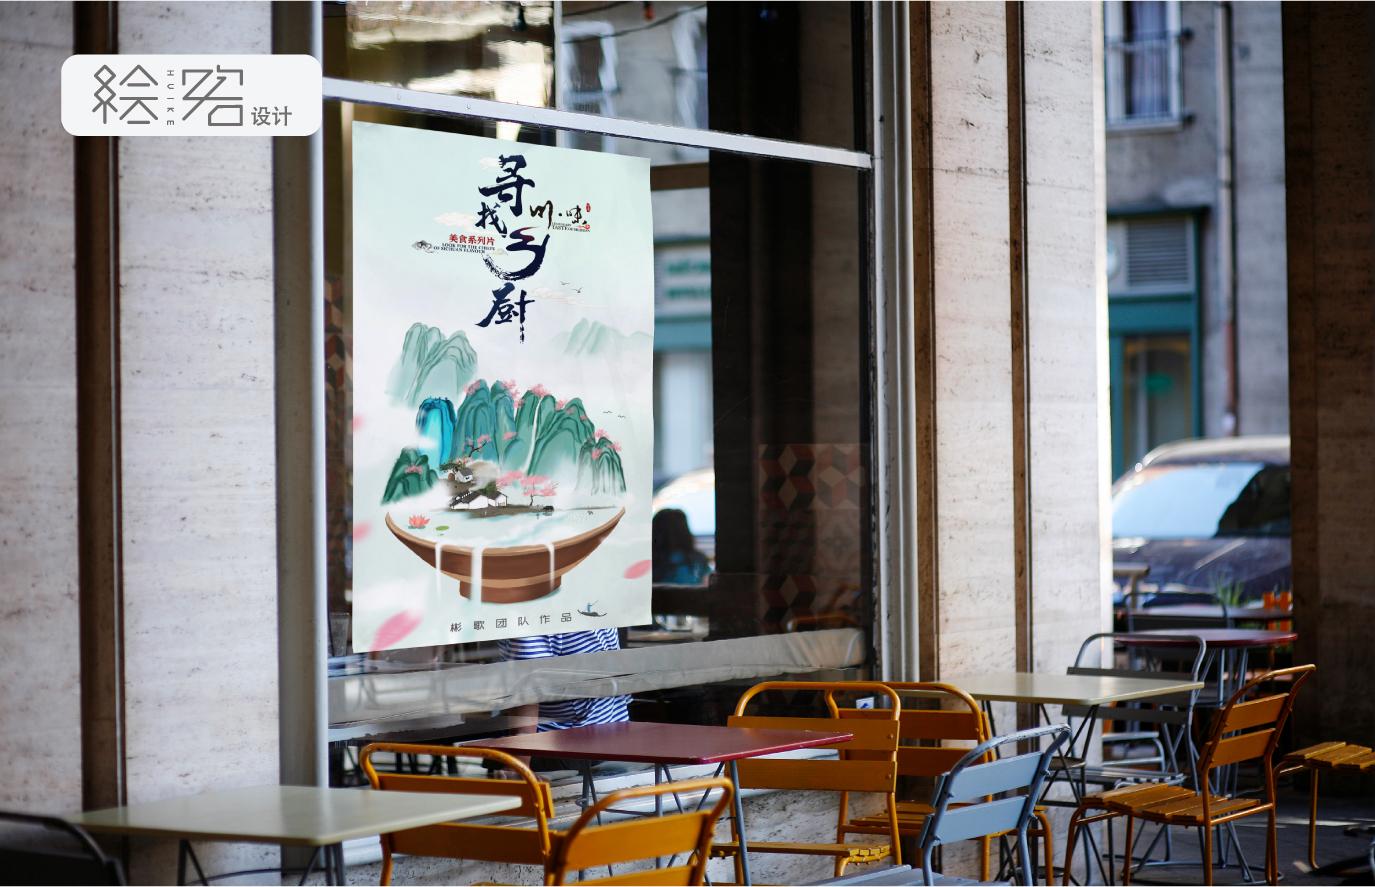 绘客设计商务时尚简约节日喜庆舞台展台商场超市广场街道吊旗设计